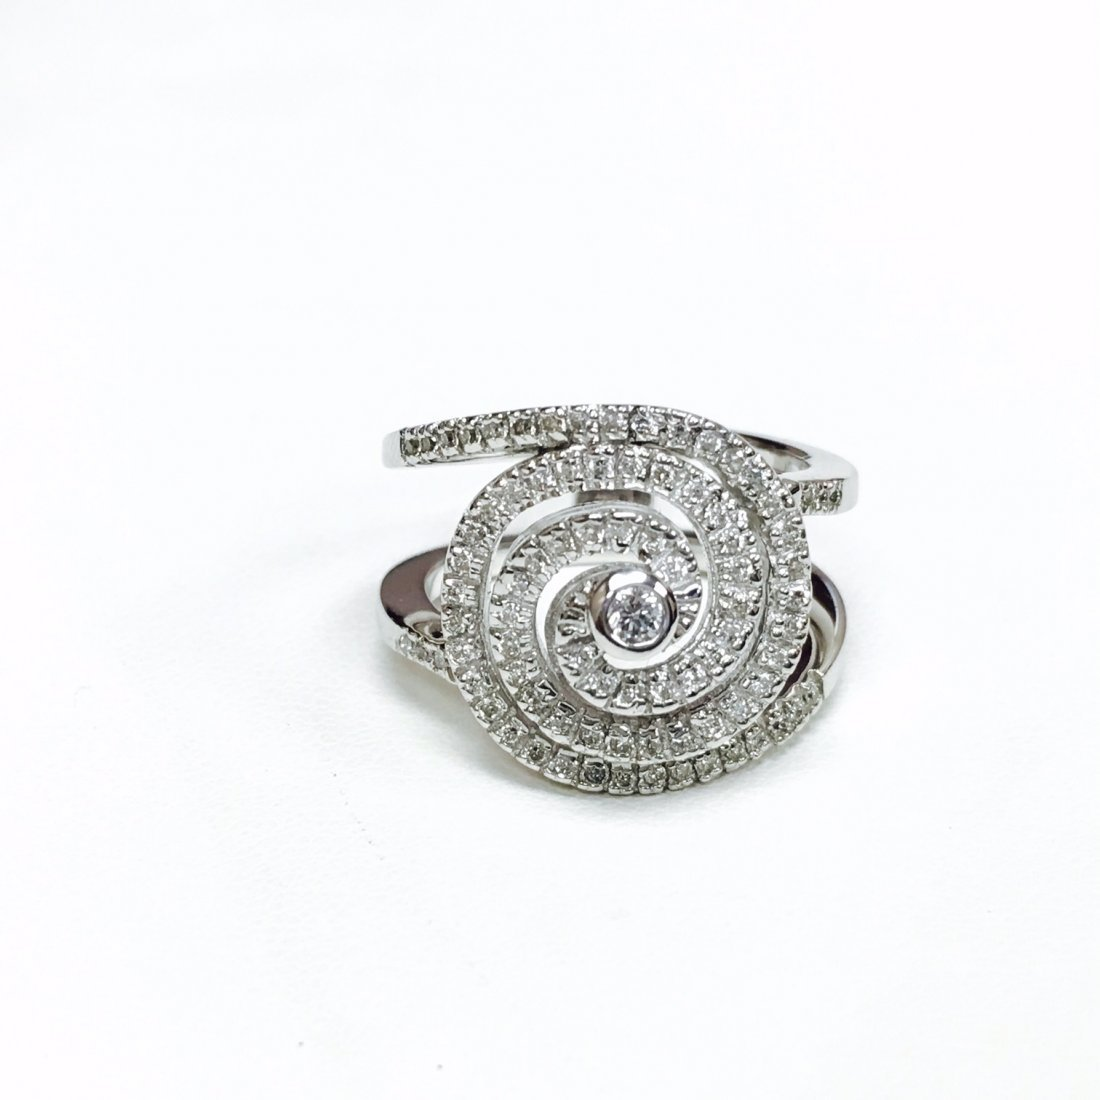 14k White Gold, 1.00 CT Diamond Swirl Ring